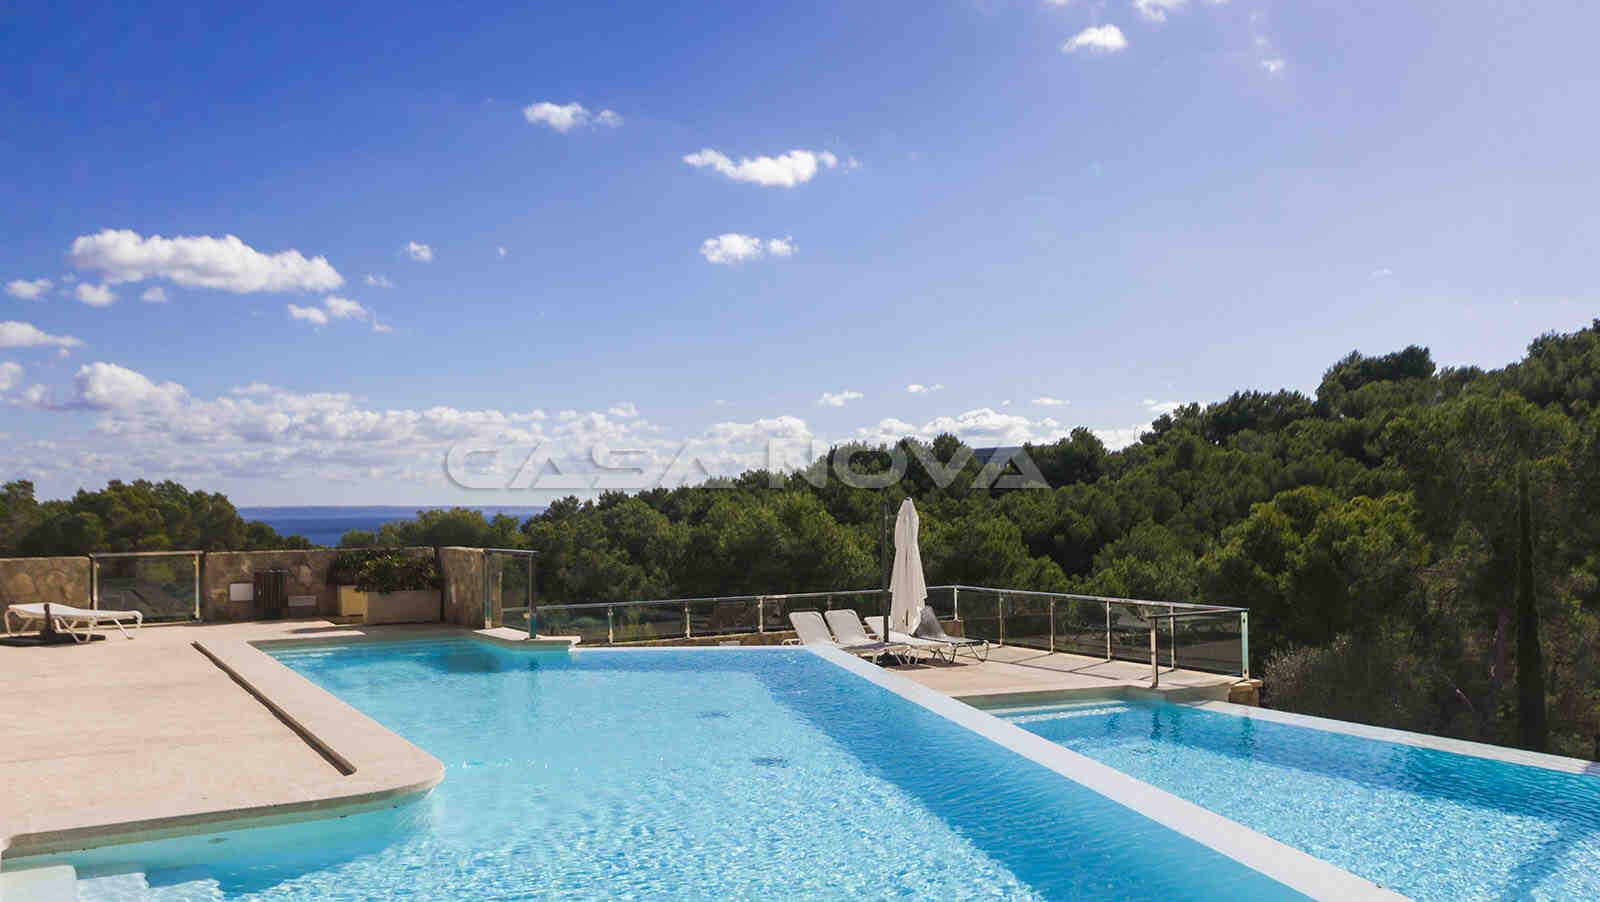 Gemeinschaftspool der exklusiven Wohnanlage in Sol de Mallorca